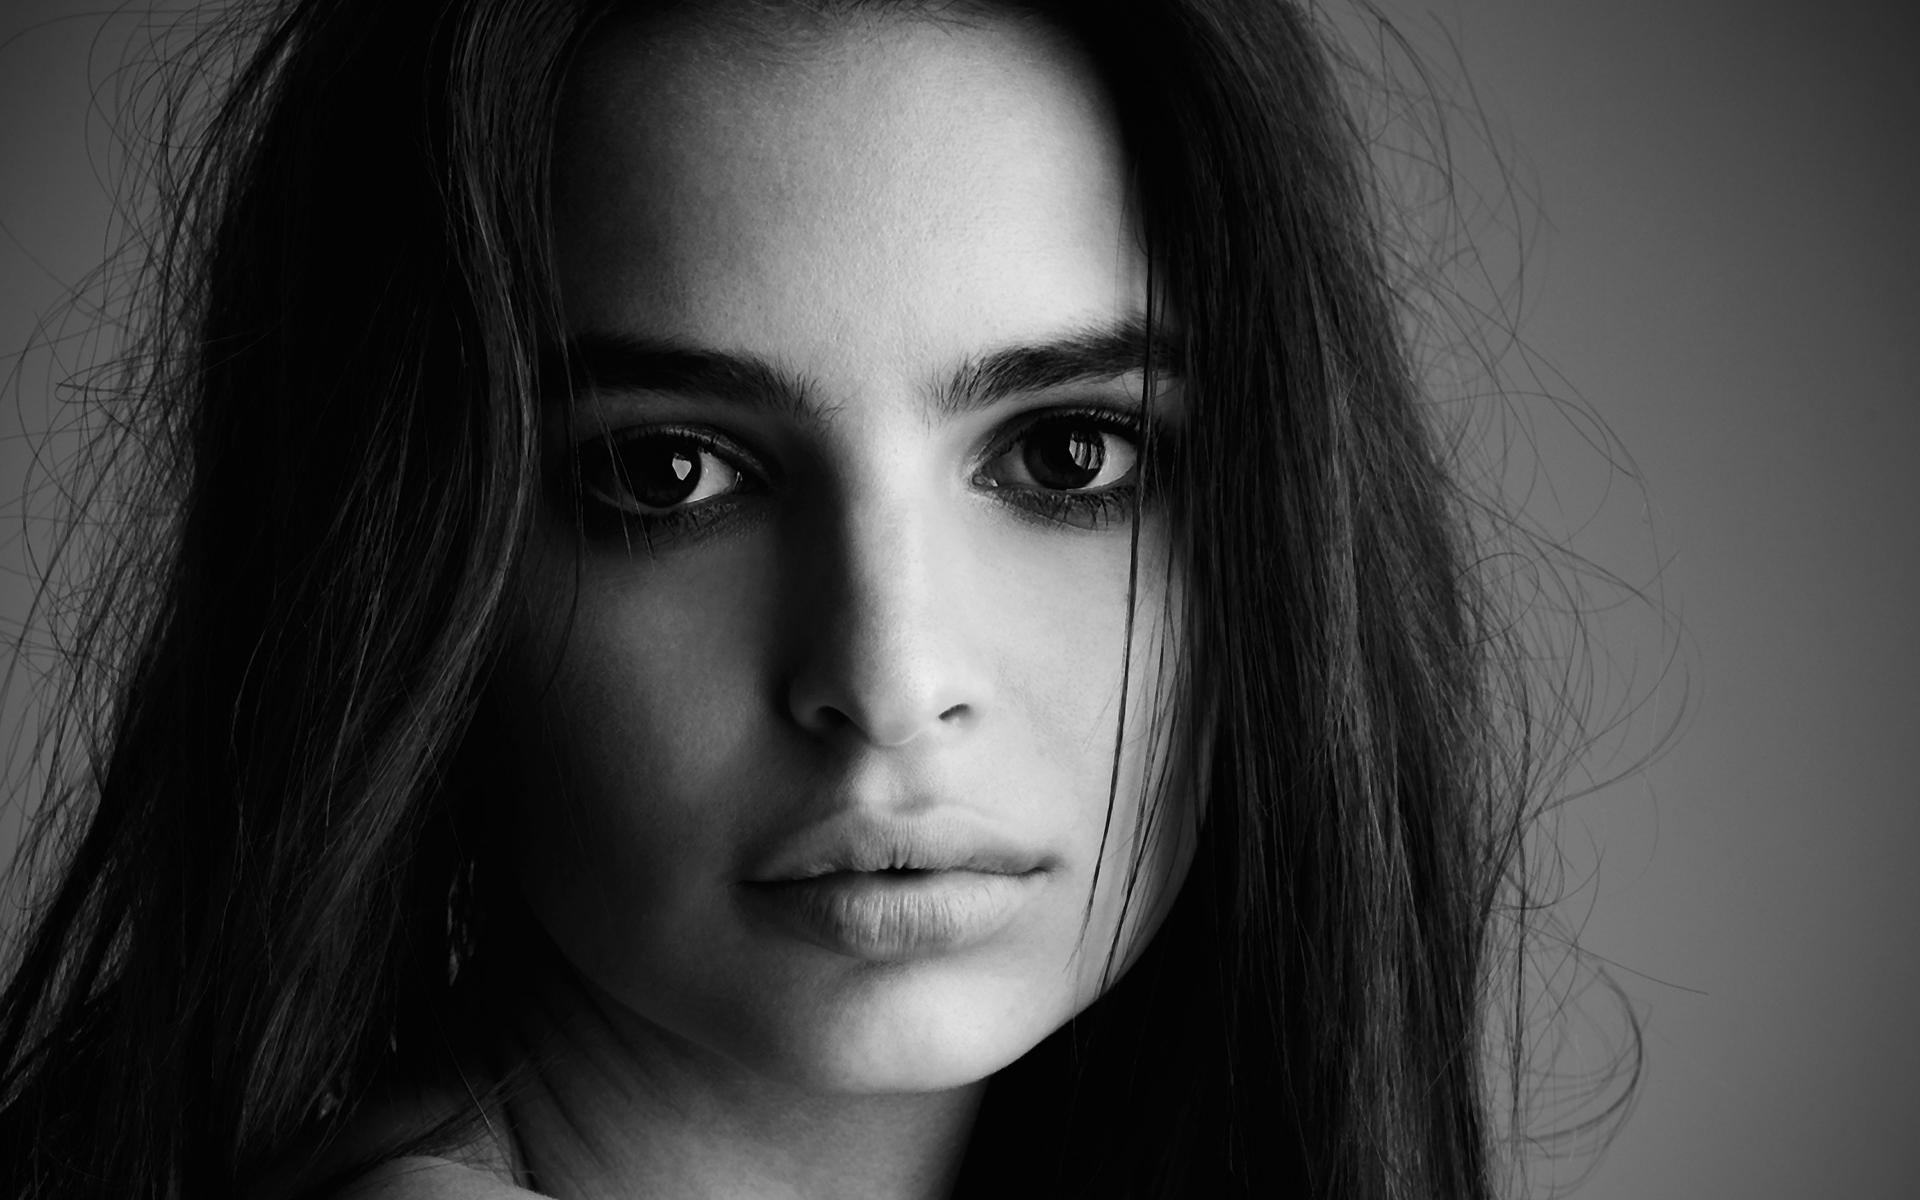 Всяческие красивые девушки, причем фактически только лица. Первое